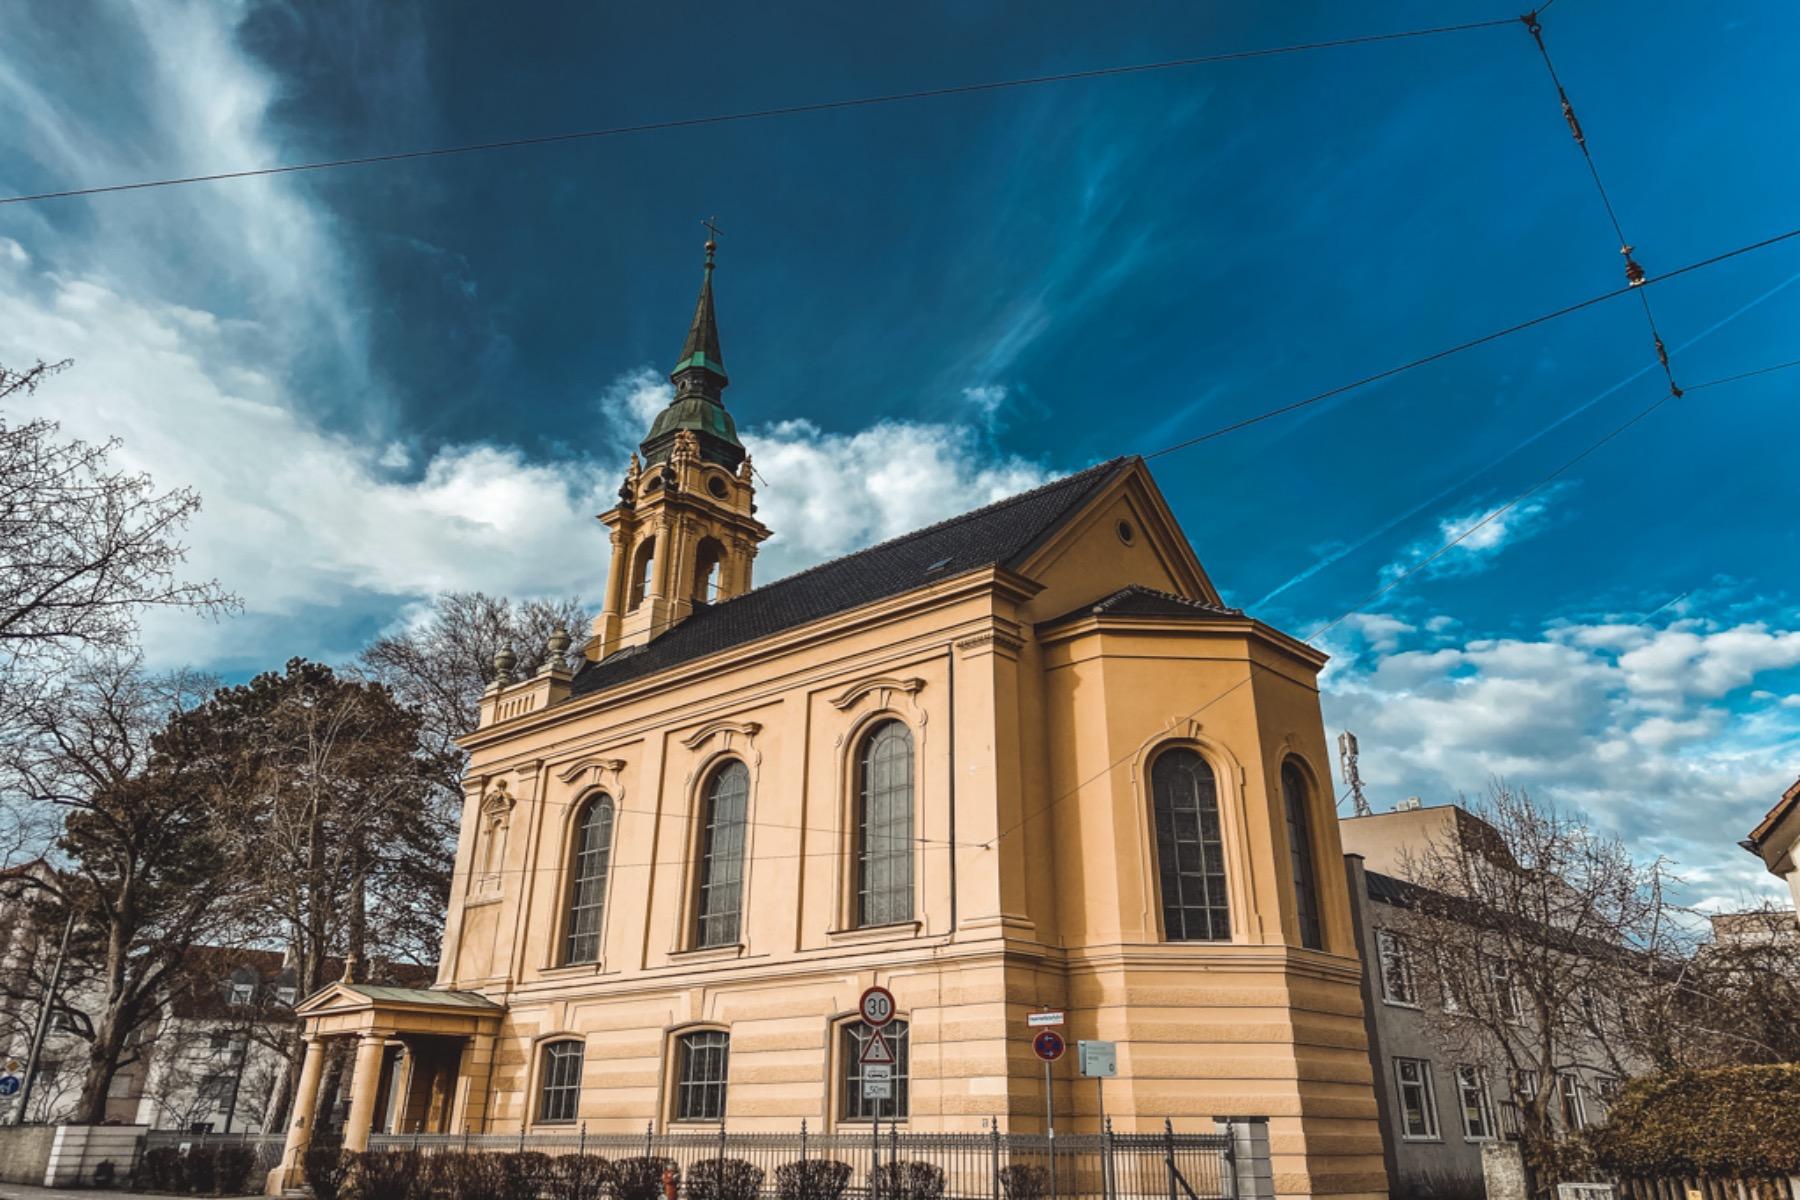 Die Hessingkirche St. Johannes ist eine Simultankirche und war für Johann Friedrich von Hessing, in seiner Idee der ganzheitlichen Medizin, ein wichtiger Faktor. Für ihn nahmen Religion und Seelsorge bei der Genesung einen wichtigen Platz ein.